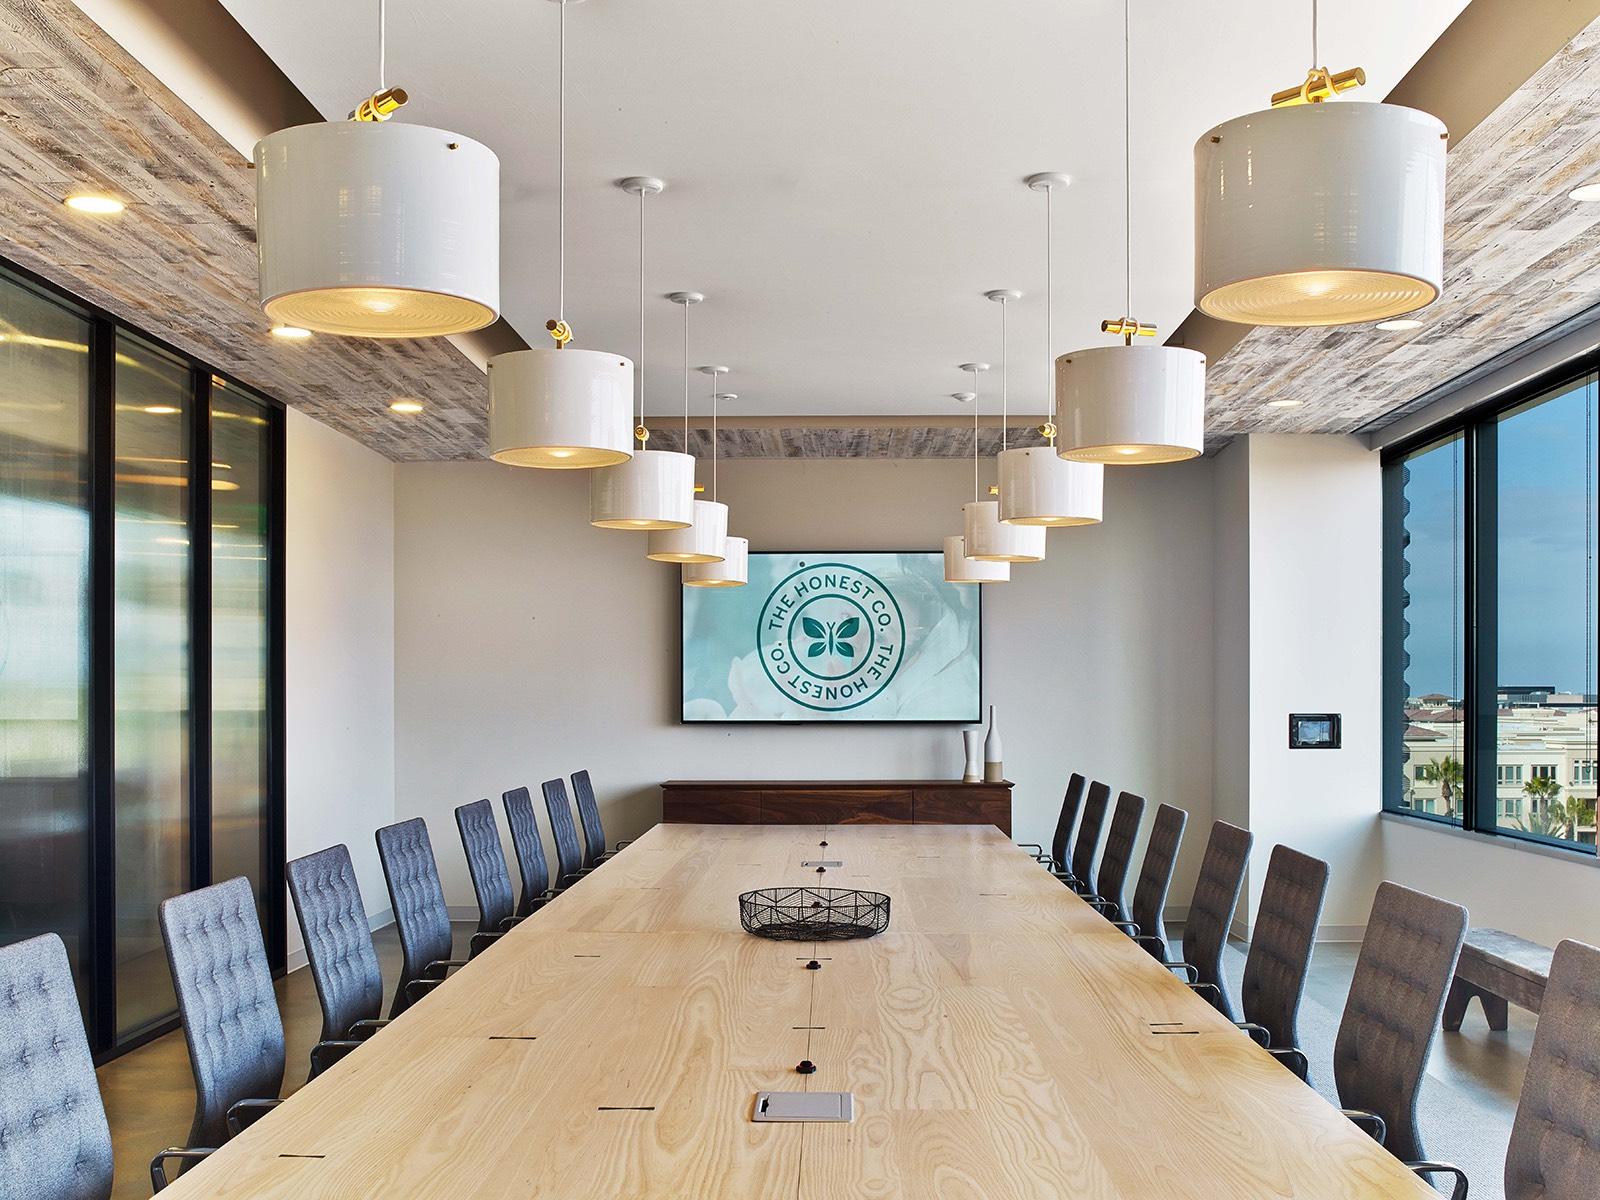 honest-company-office-11